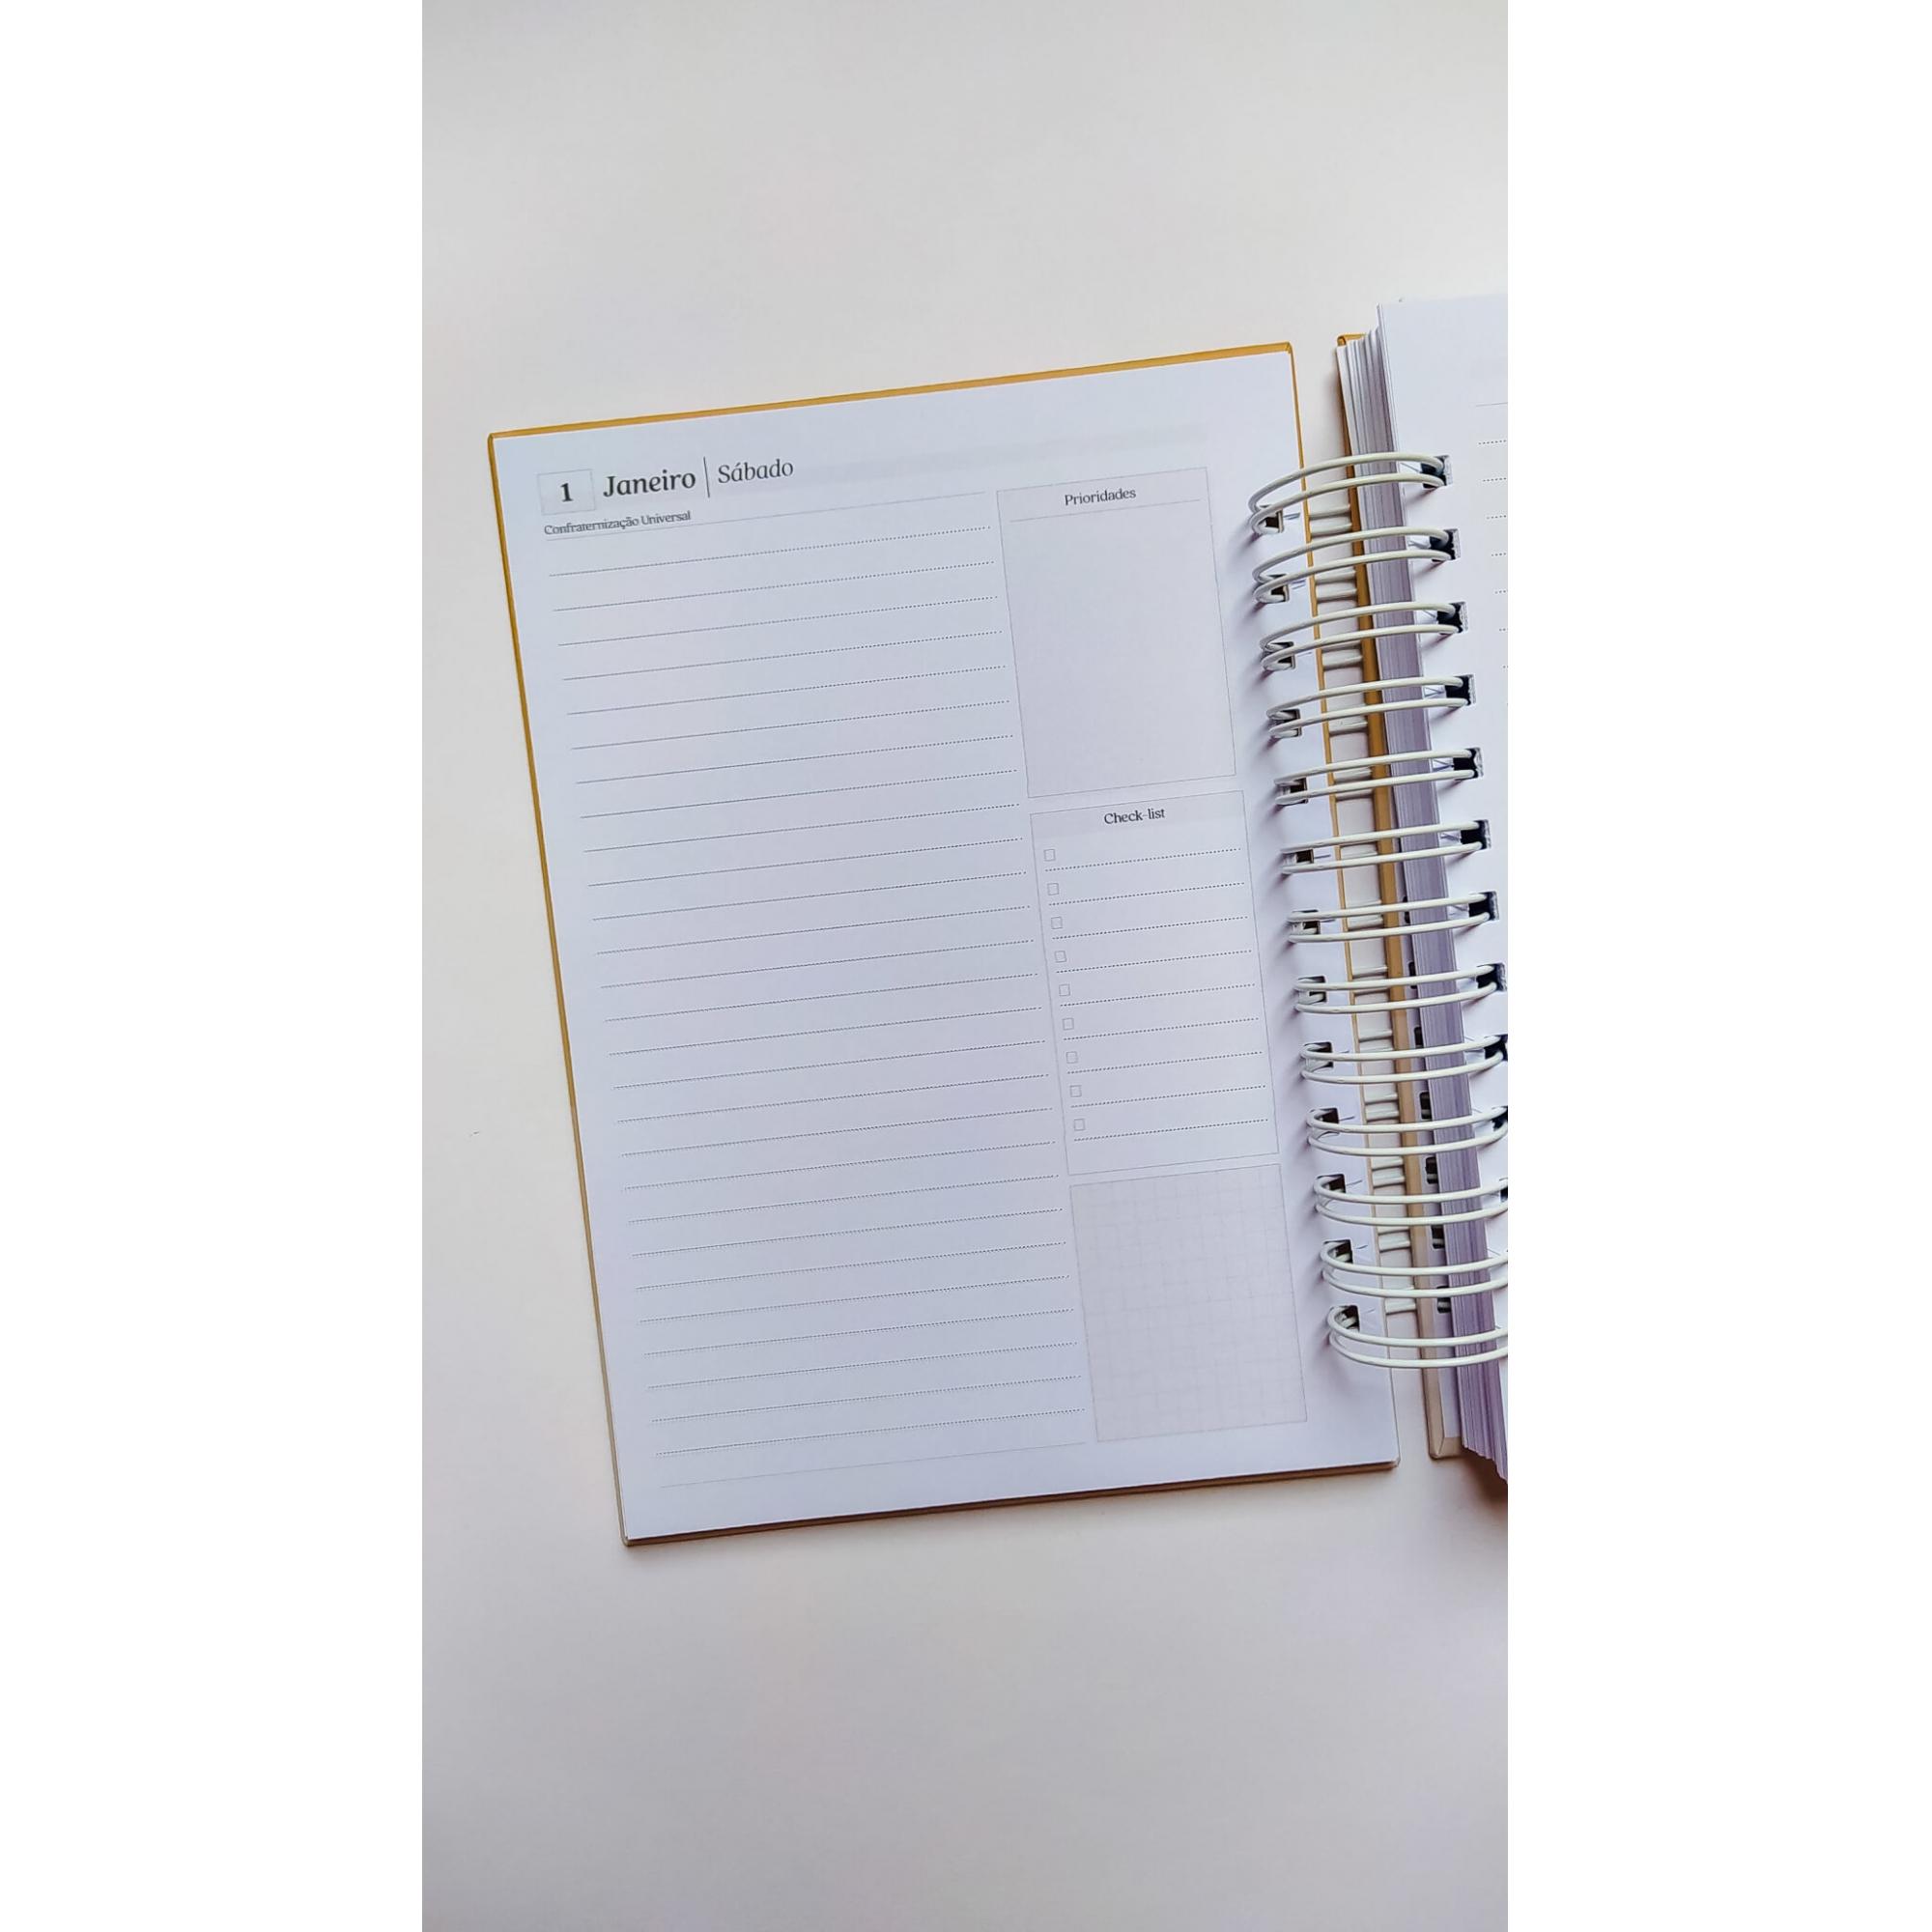 Agenda 2022 - Coleção Profissões